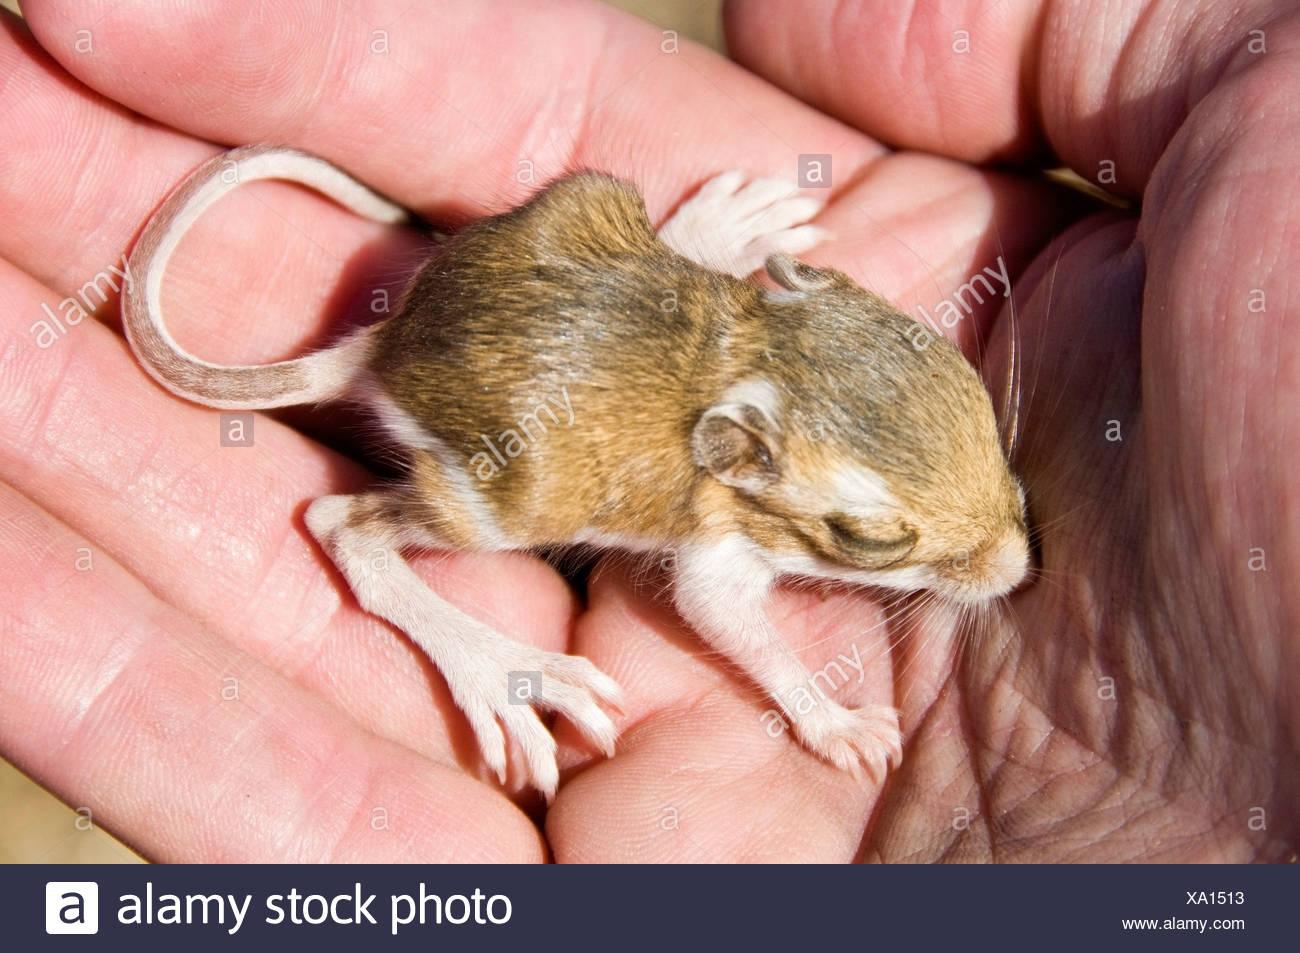 baby kangaroo rat stock